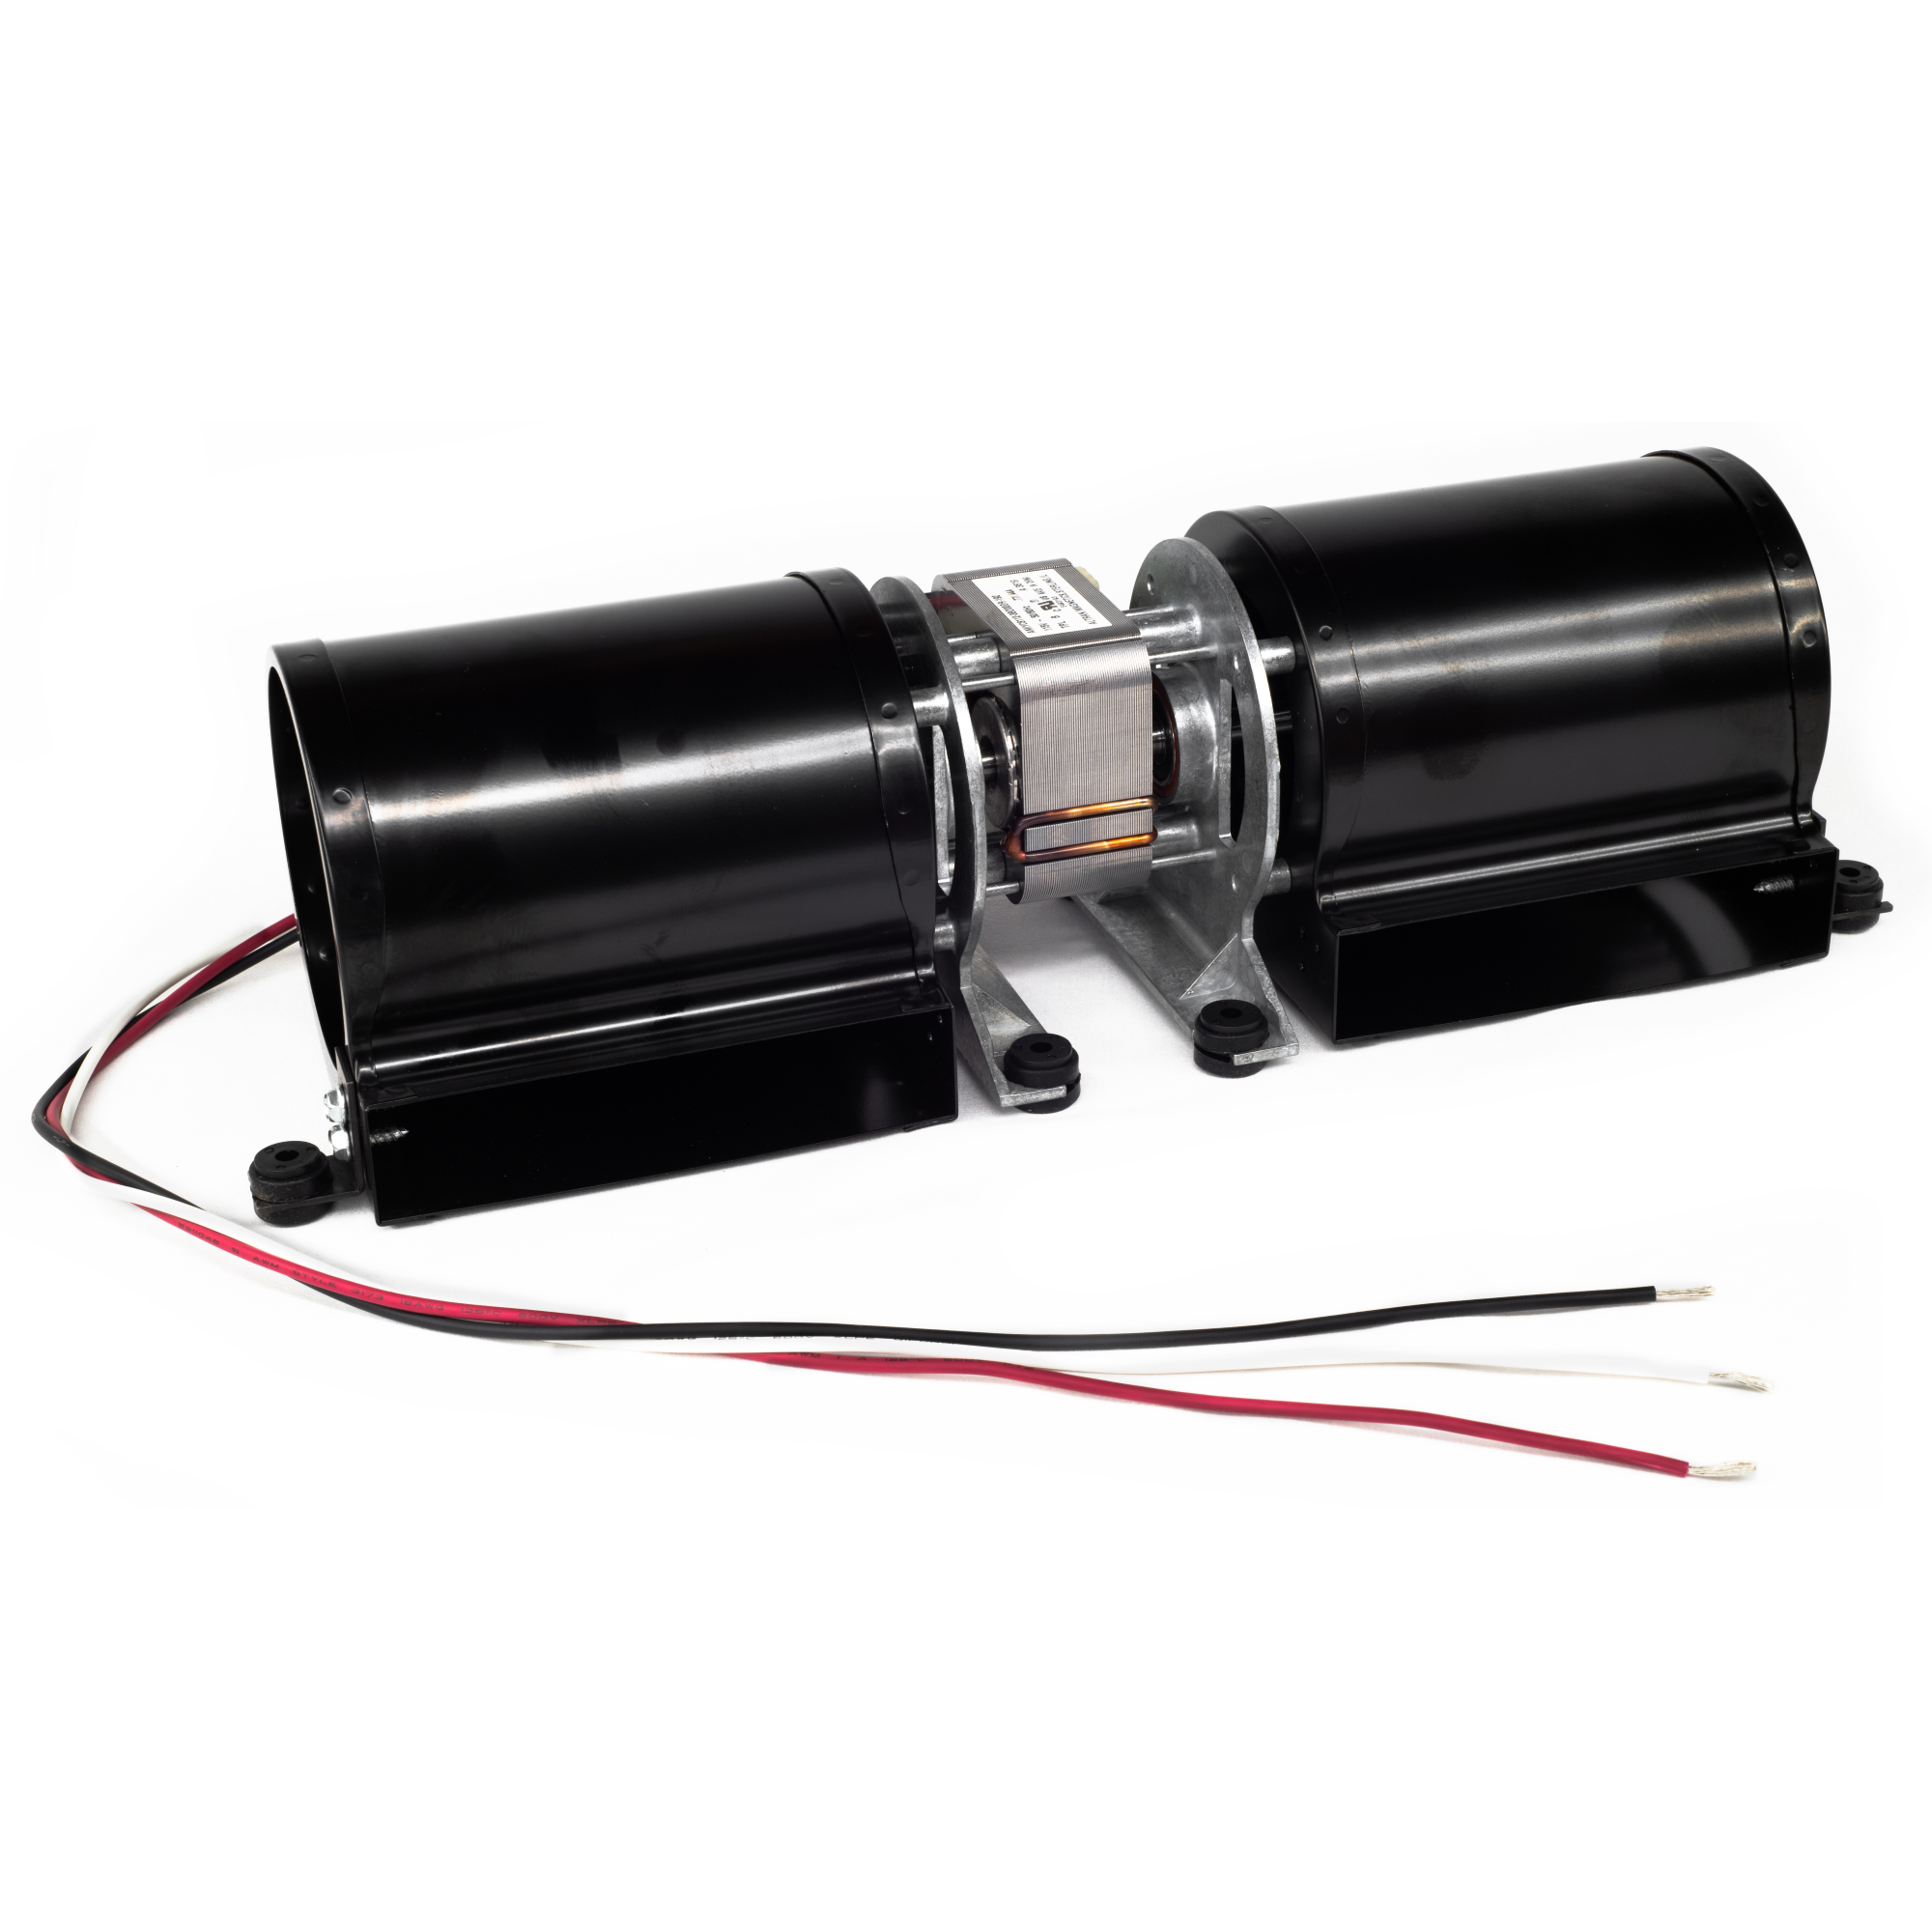 910-157/P Regency Blower Motor Fan Replacement | Rotom R7-RB167